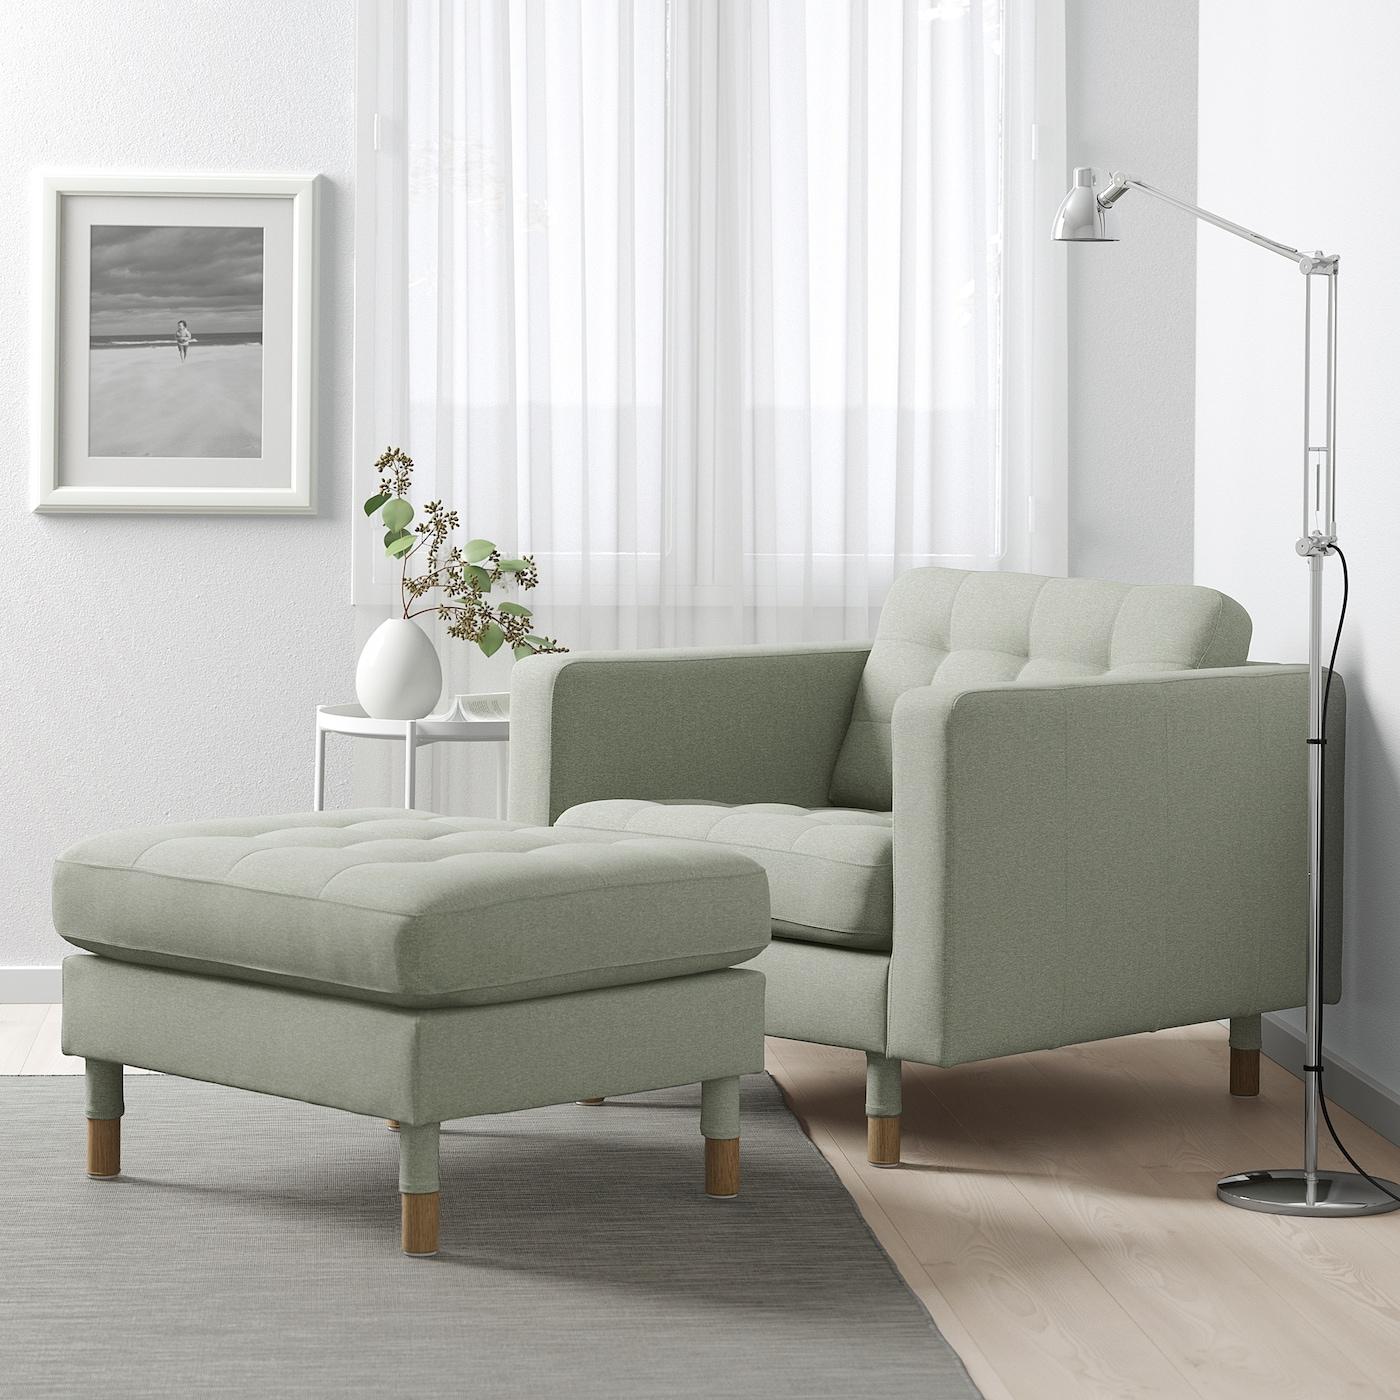 Landskrona Fauteuil Gunnared Lichtgroen Hout Ikea